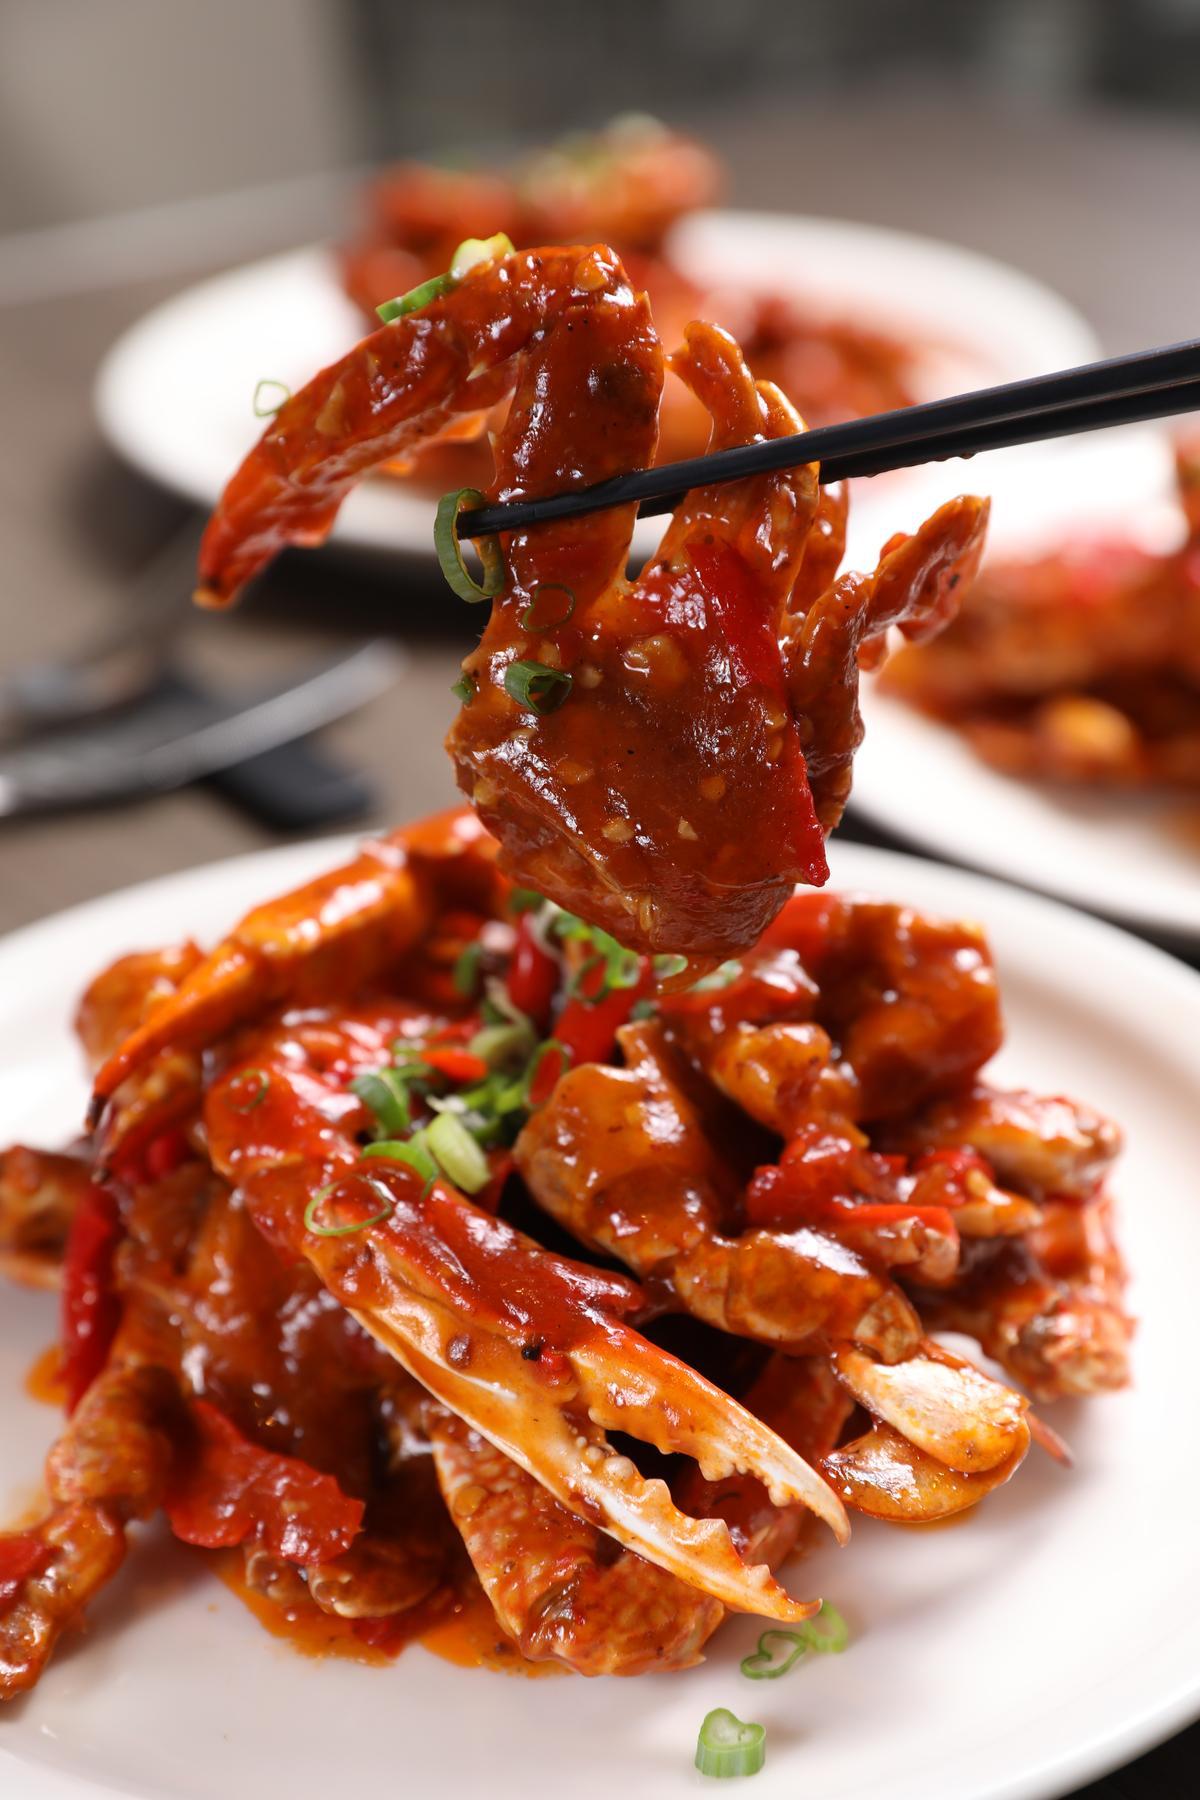 「星洲辣蟹」以多種辛香料醃漬,醬汁選用新鮮辣椒煮成,火辣鮮跳。